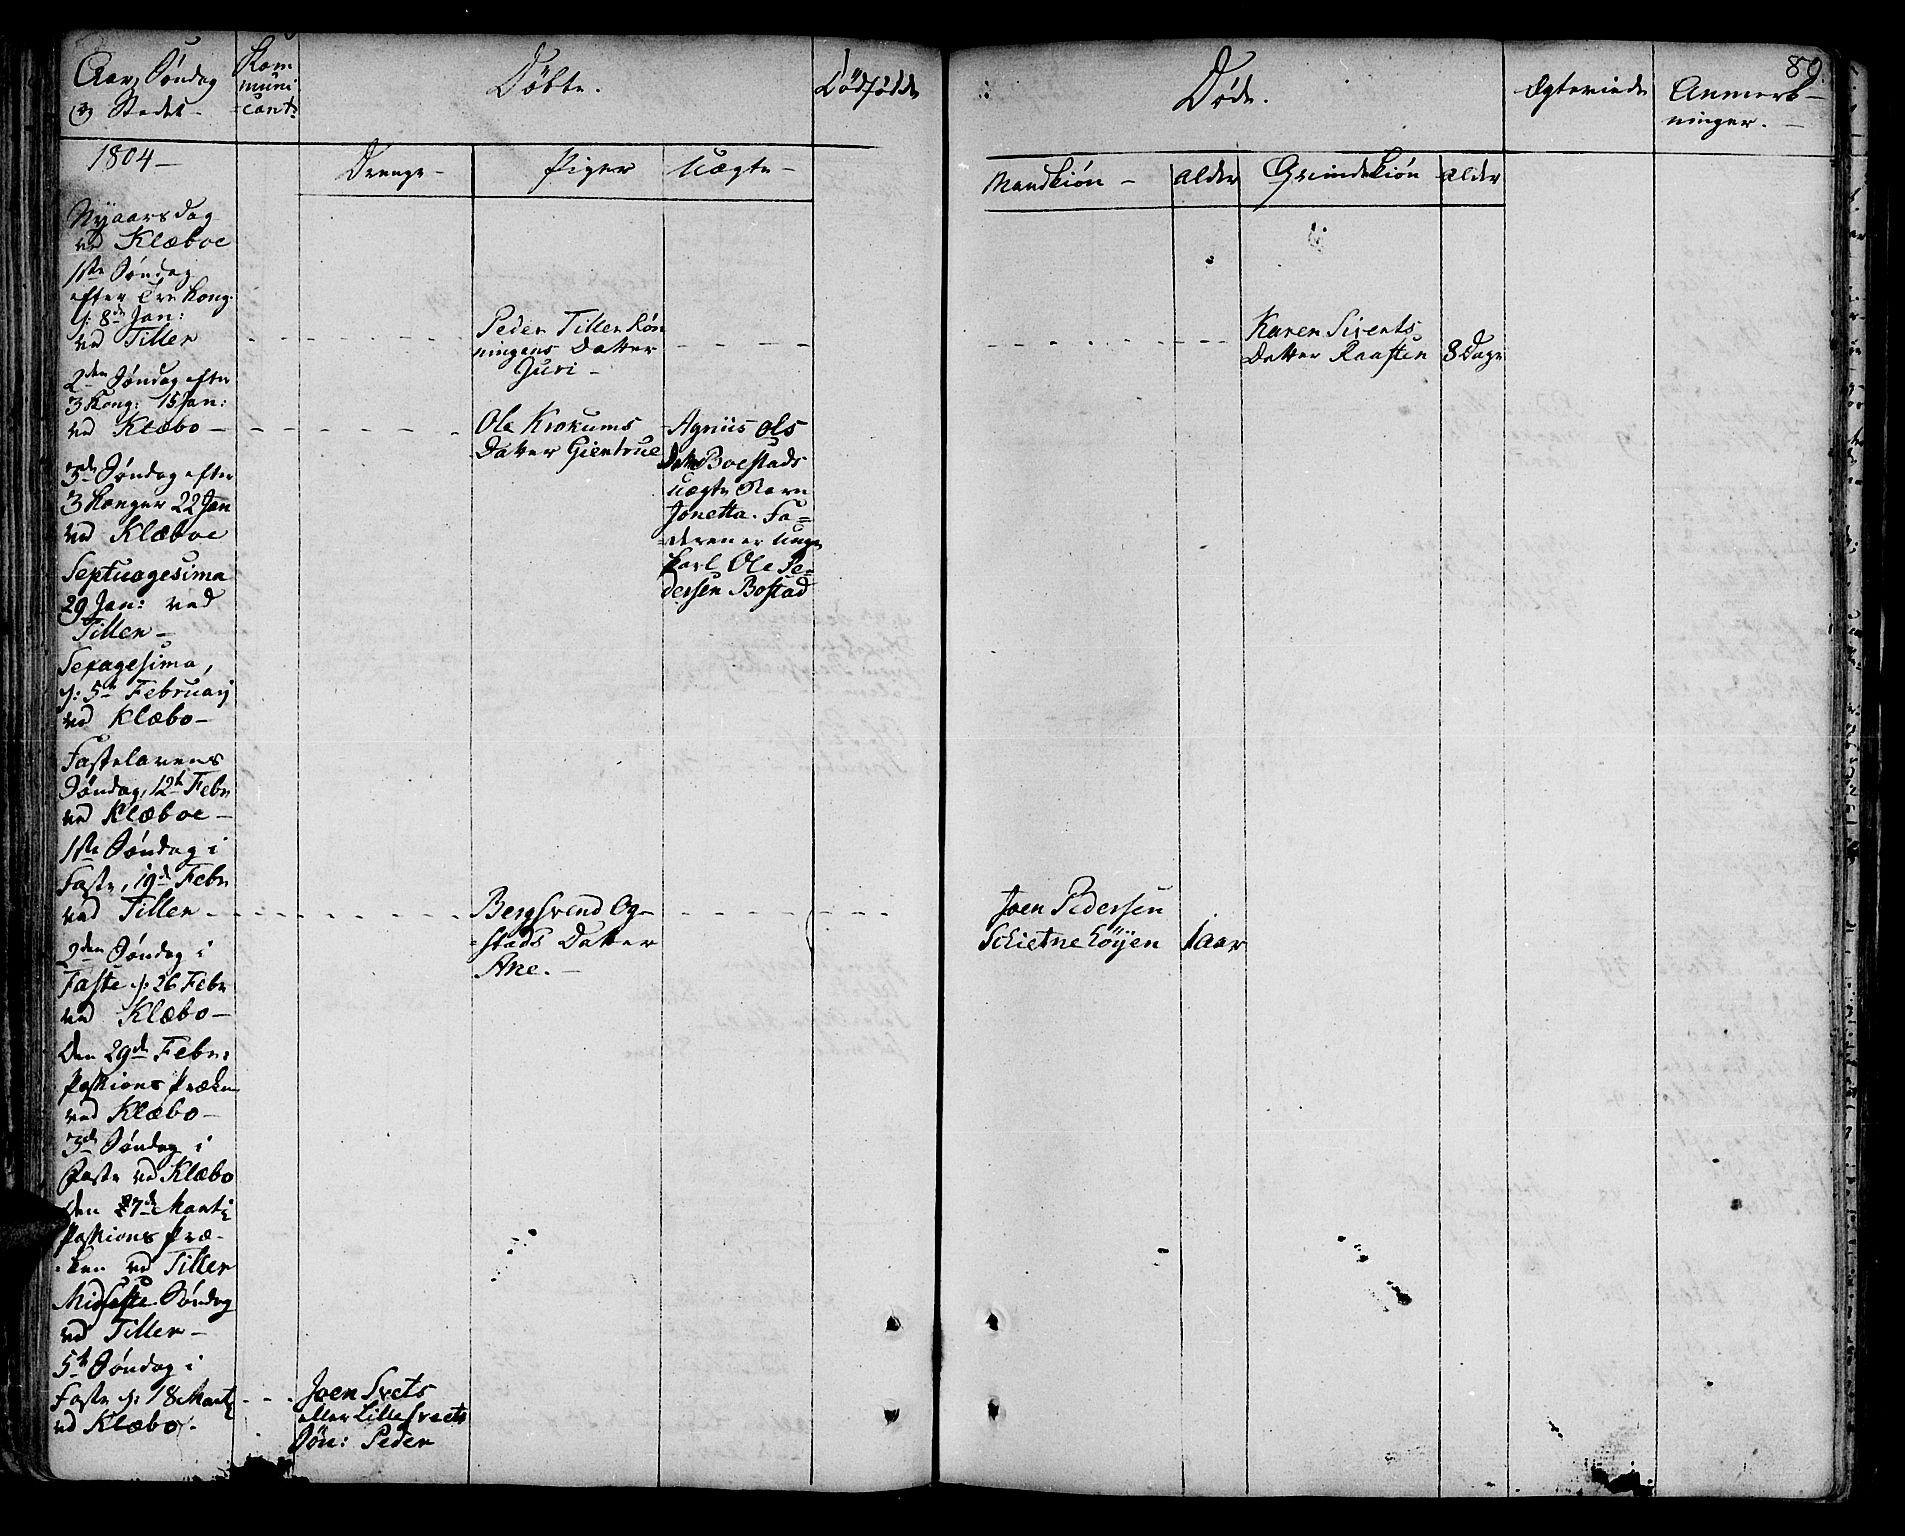 SAT, Ministerialprotokoller, klokkerbøker og fødselsregistre - Sør-Trøndelag, 618/L0438: Ministerialbok nr. 618A03, 1783-1815, s. 80